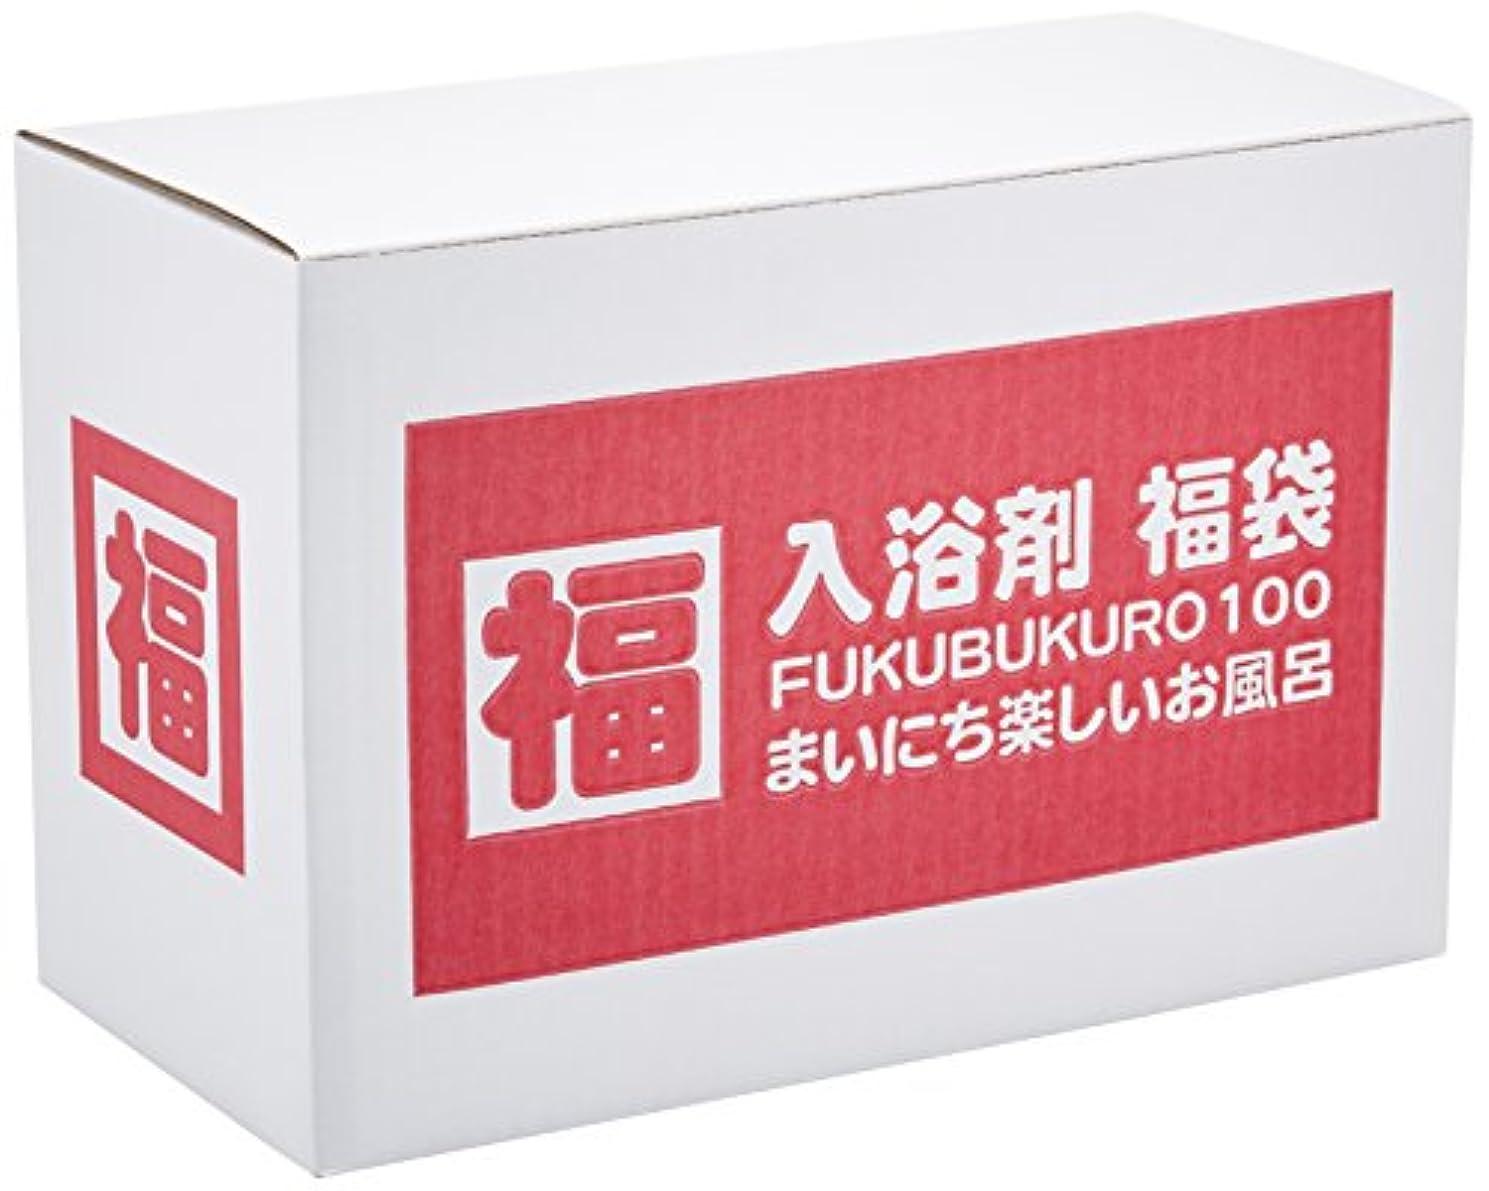 植物学者首尾一貫した倉庫入浴剤 福袋  100個安心の日本製